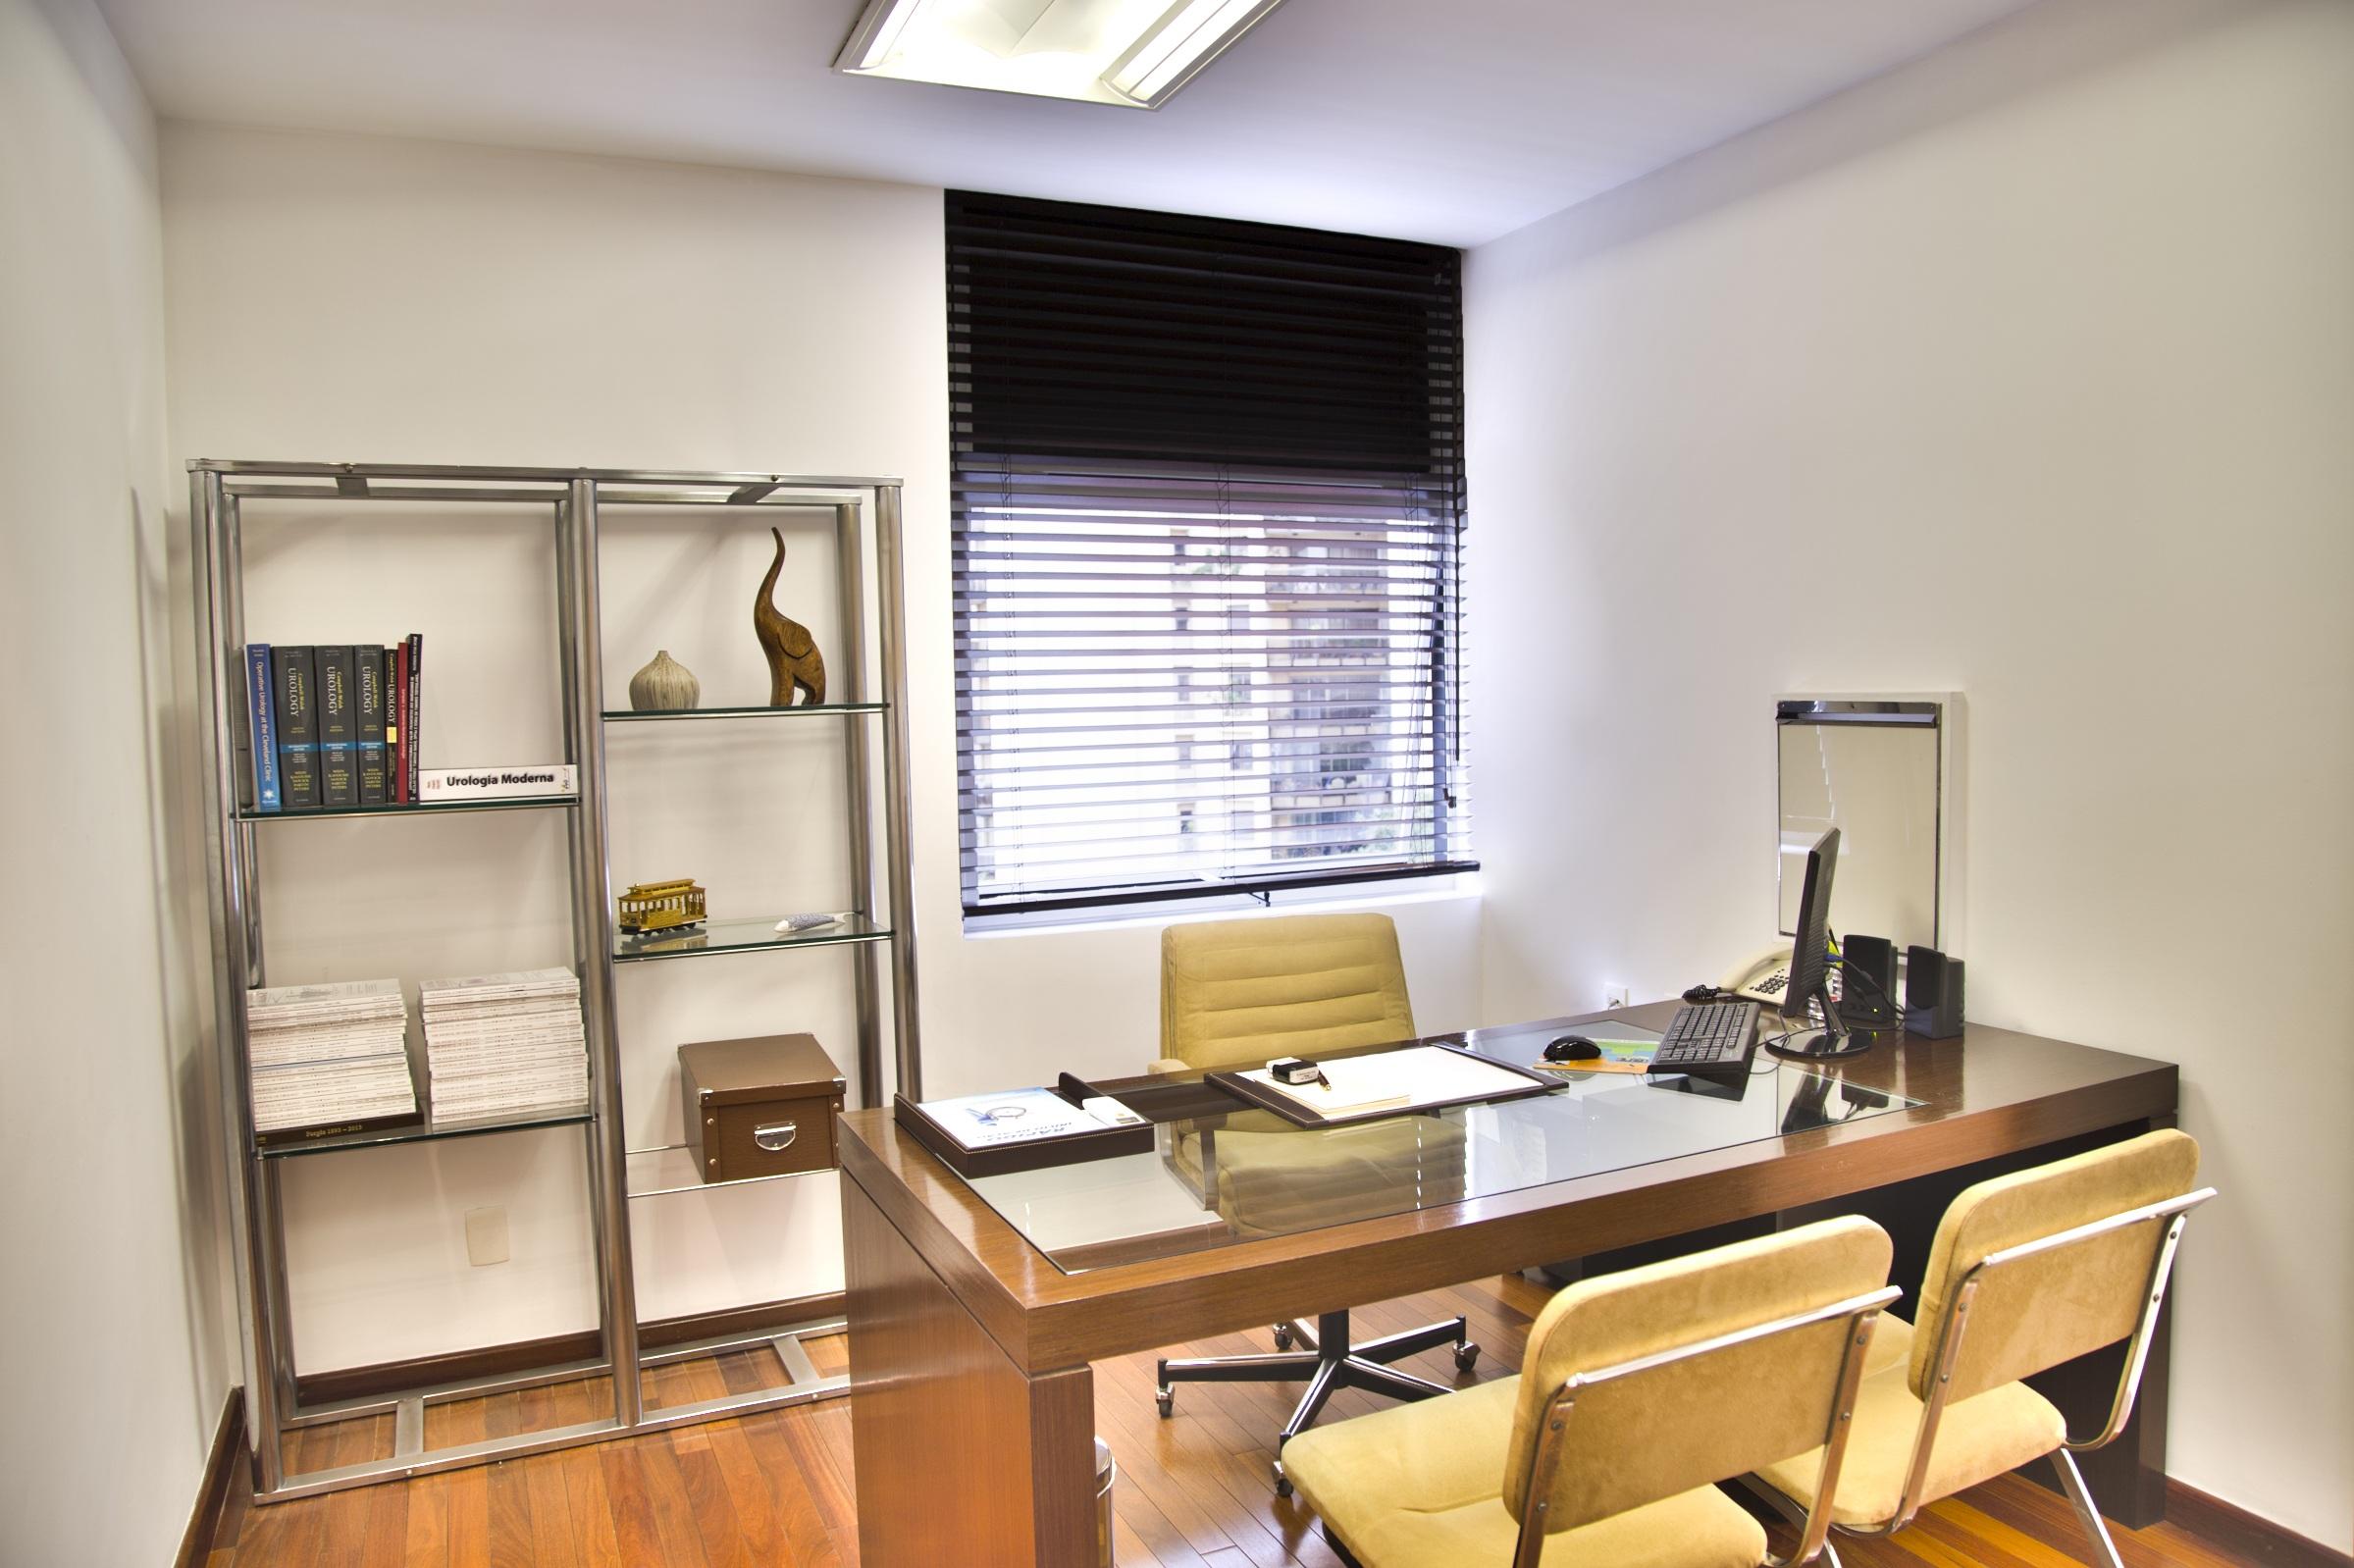 Gratis Afbeeldingen : huis-, kantoor, eigendom, woonkamer, kamer ...